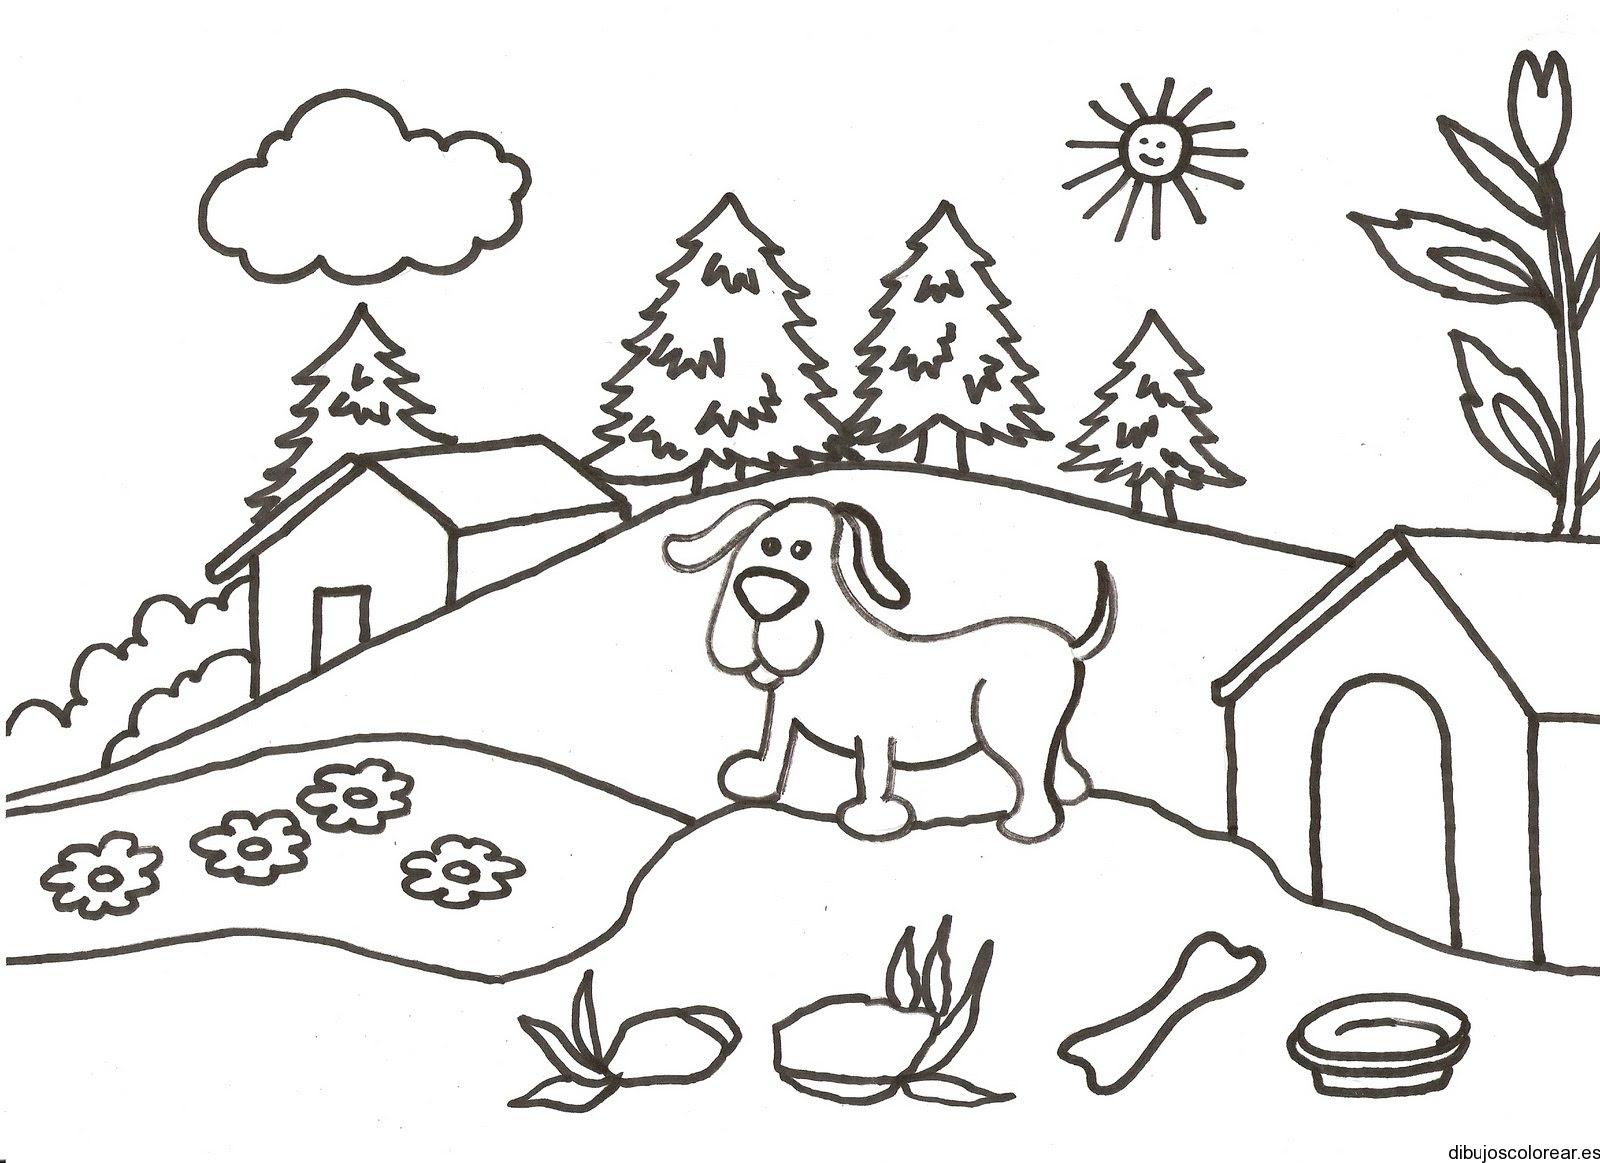 Dibujo De Un Perro En Una Loma